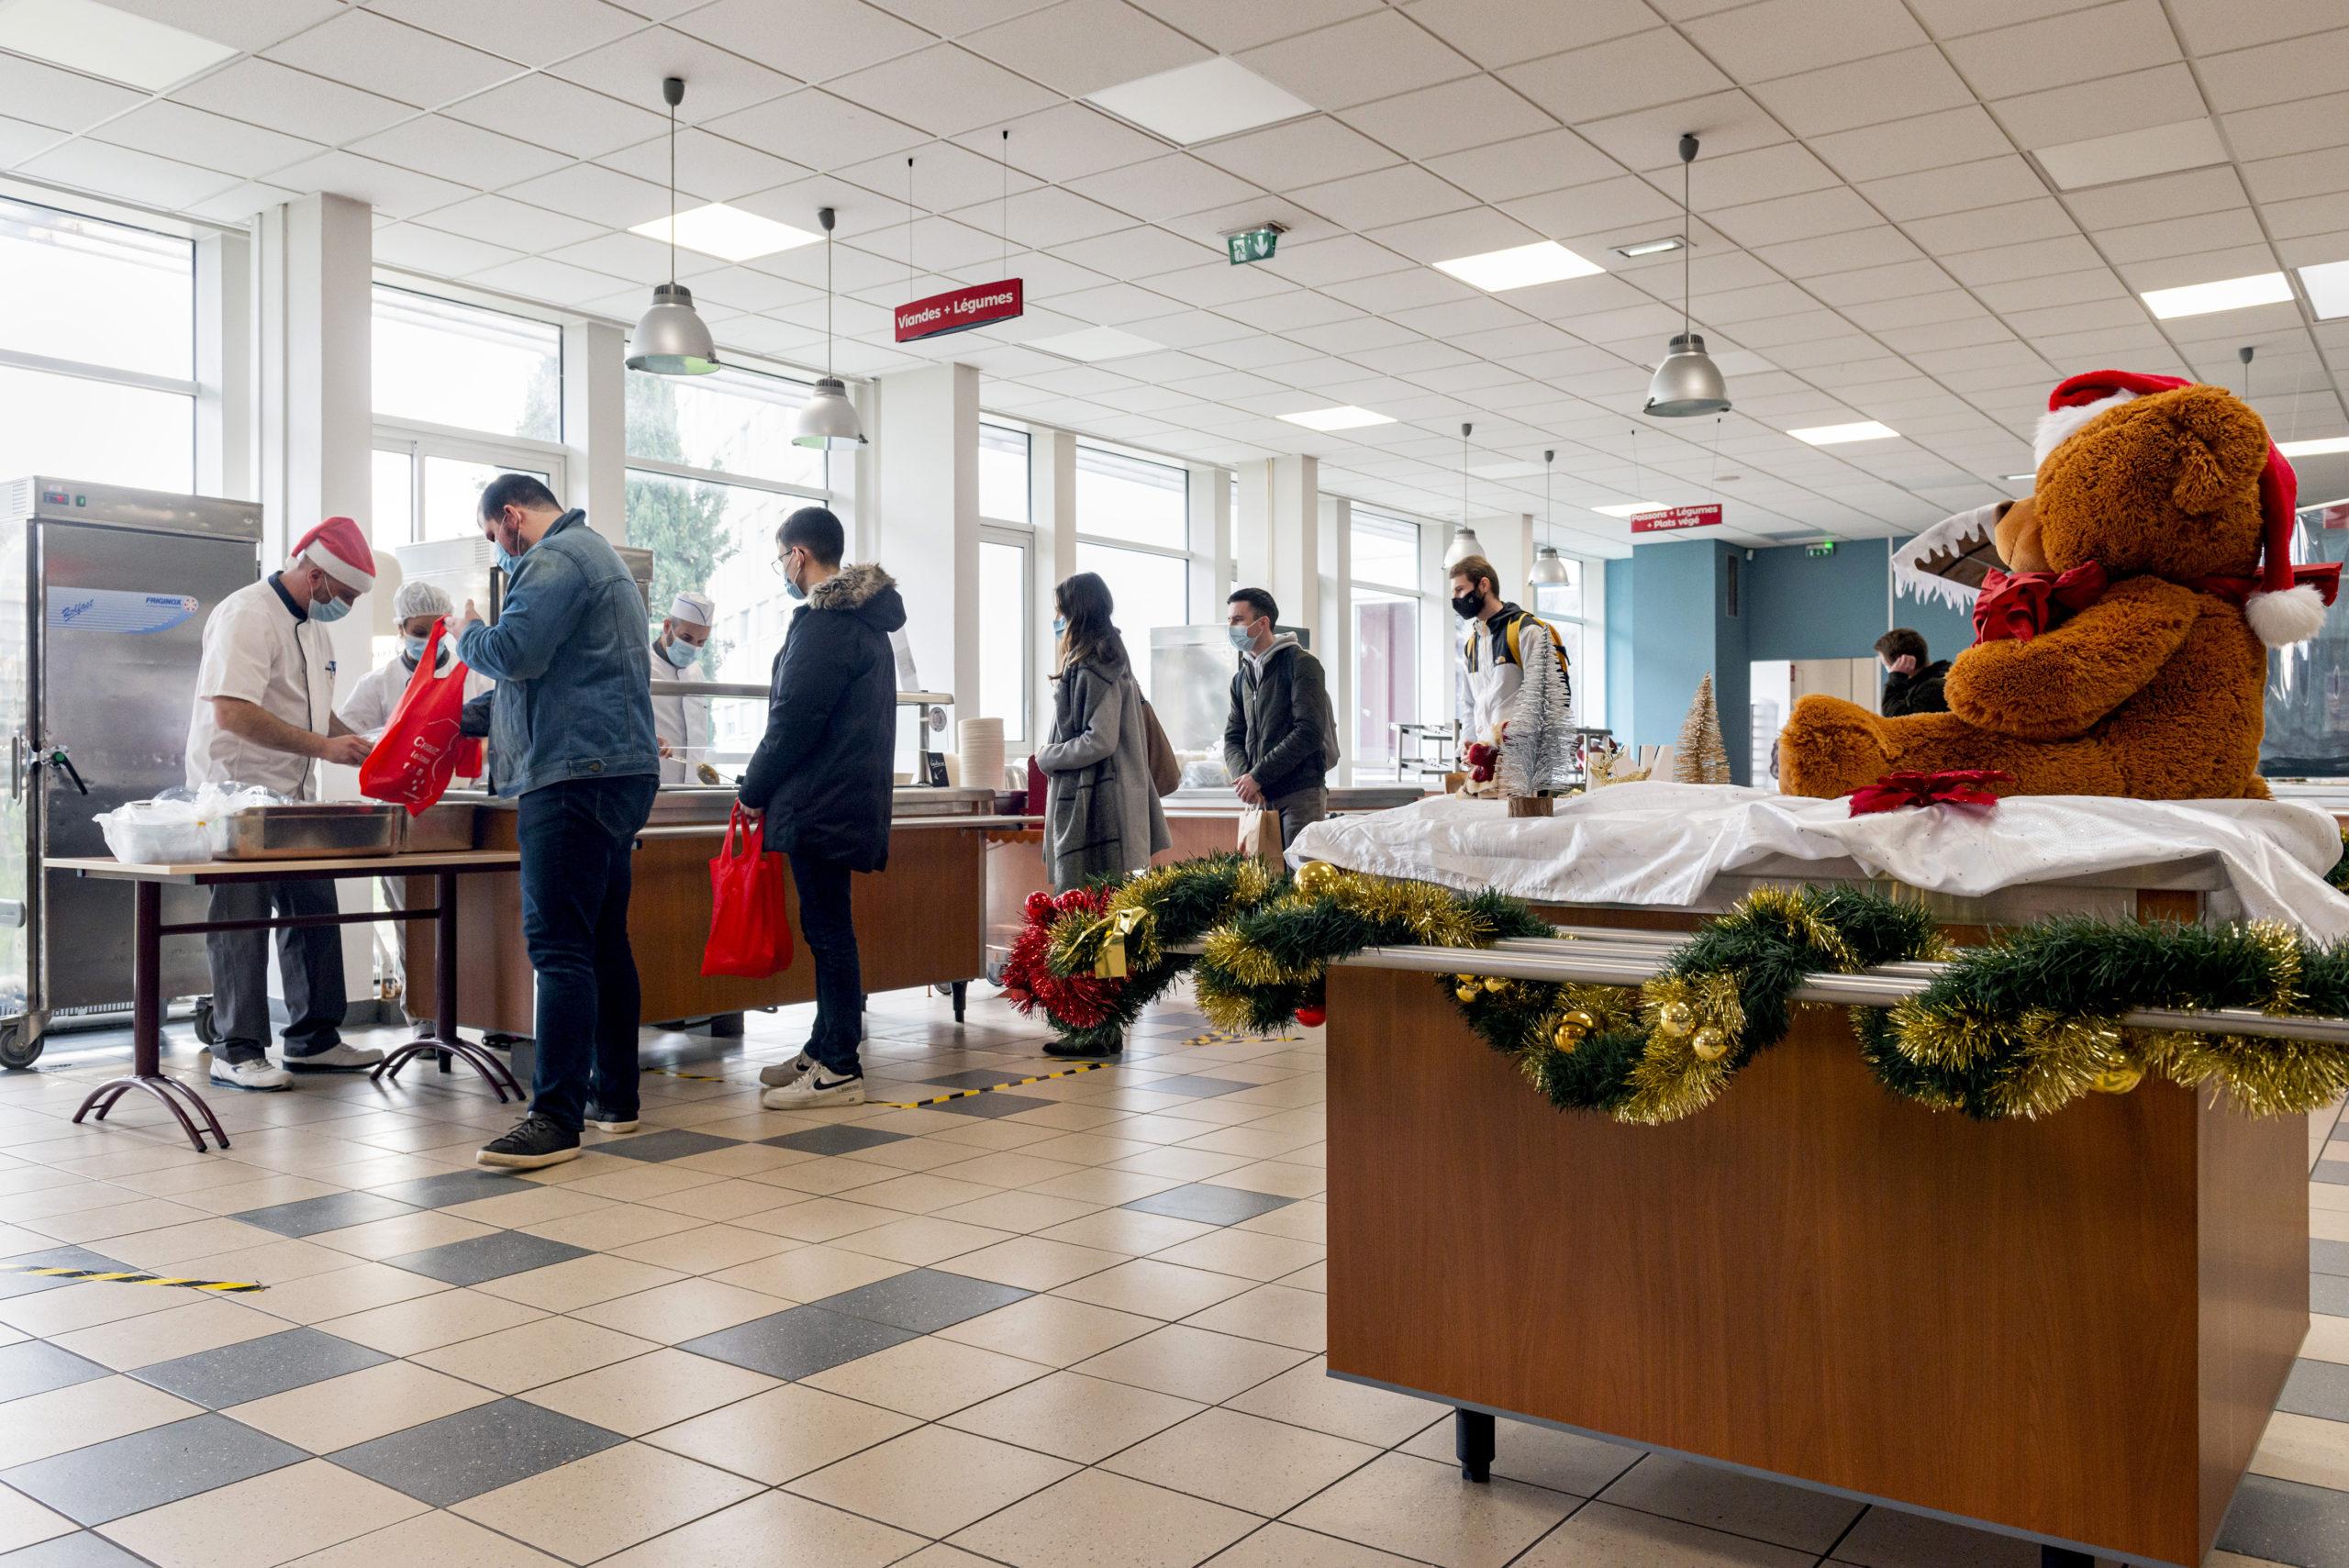 Des étudiants font la queue pour prendre un repas au restaurant du Crous de l'université de Poitiers. Ils ne peuvent pas y manger à cause des mesures anti-covirus.